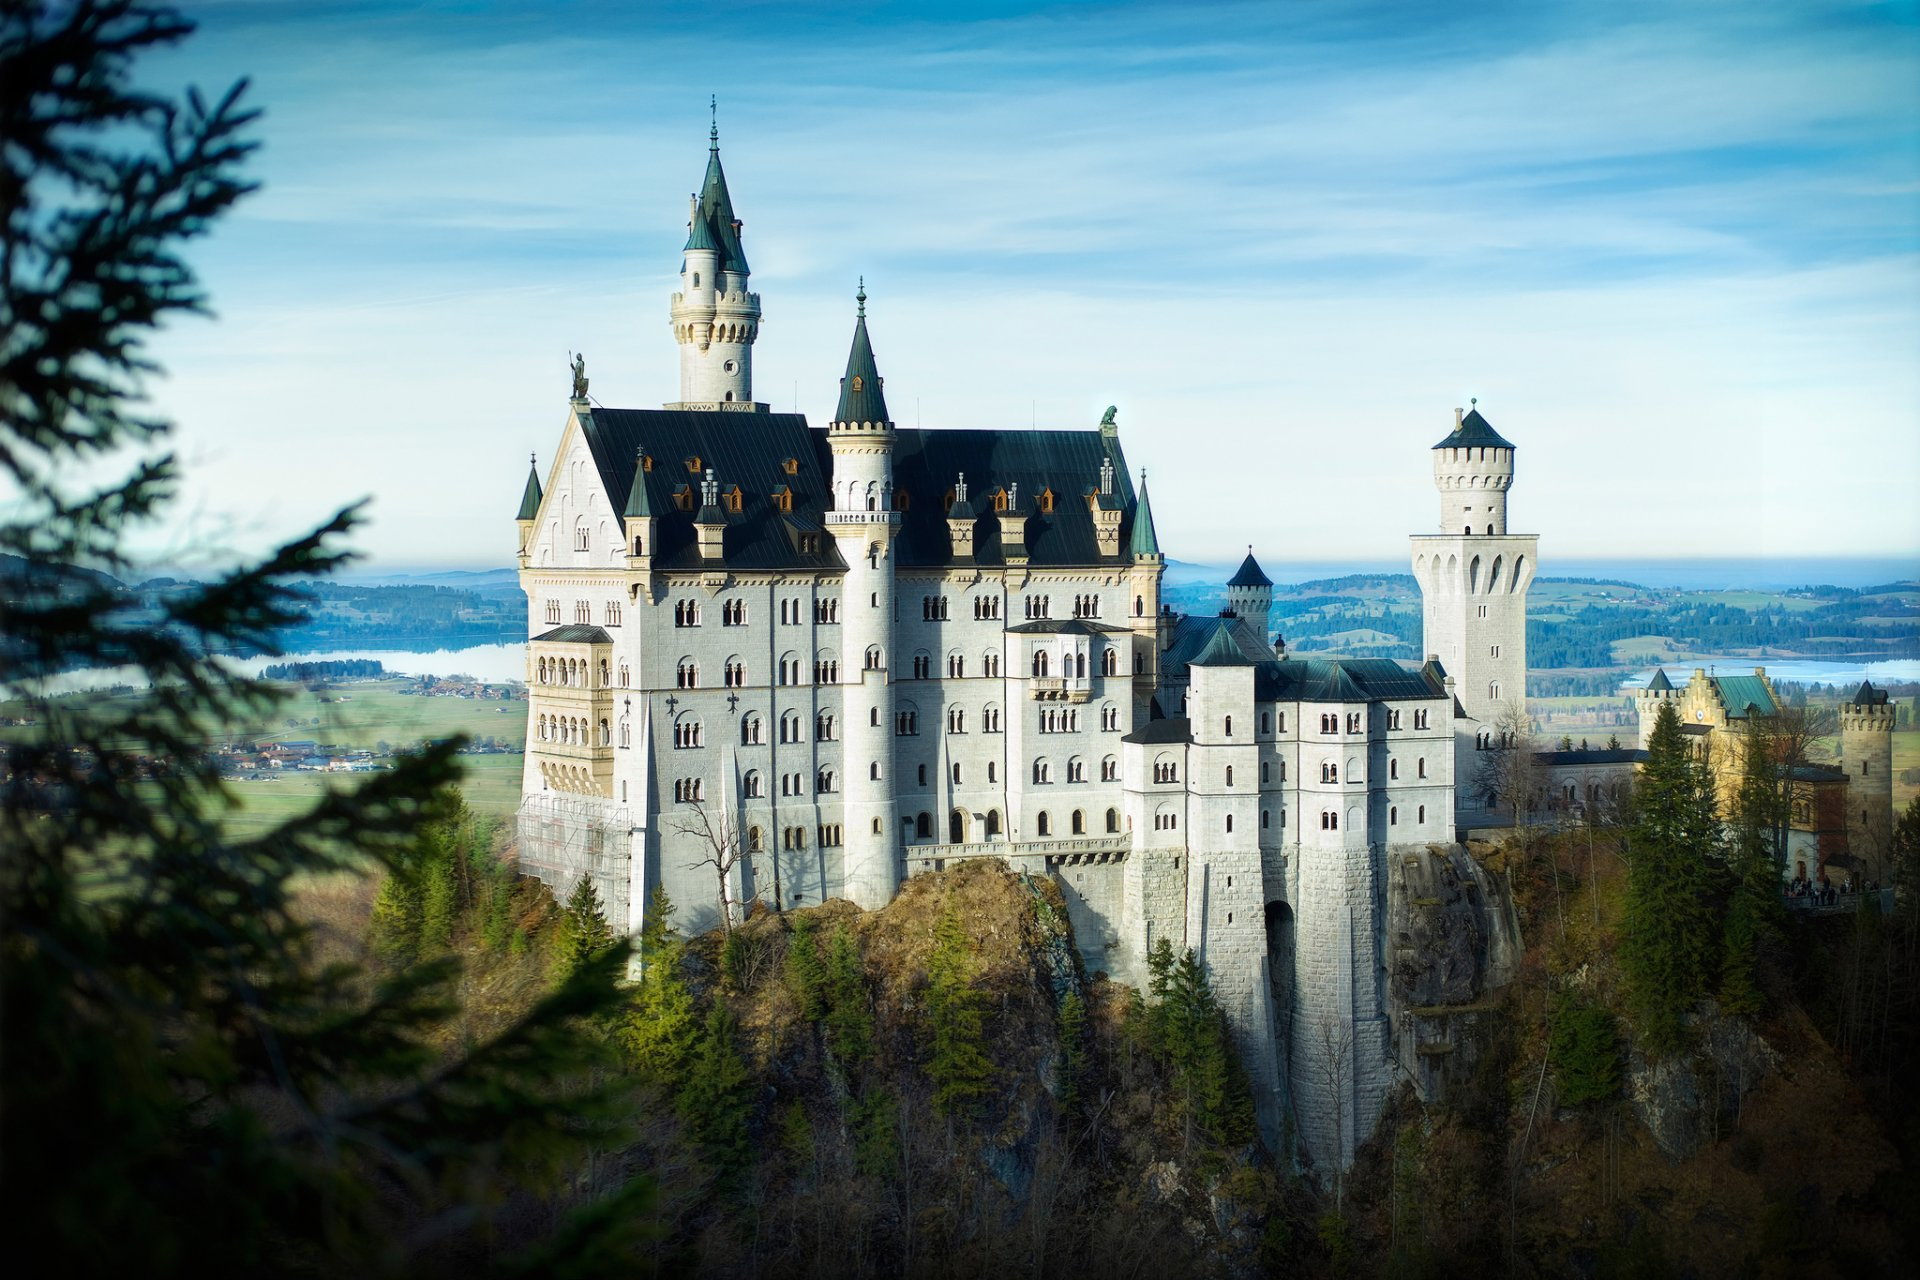 Обои юго-западная, бавария, германия, замок. Города foto 6